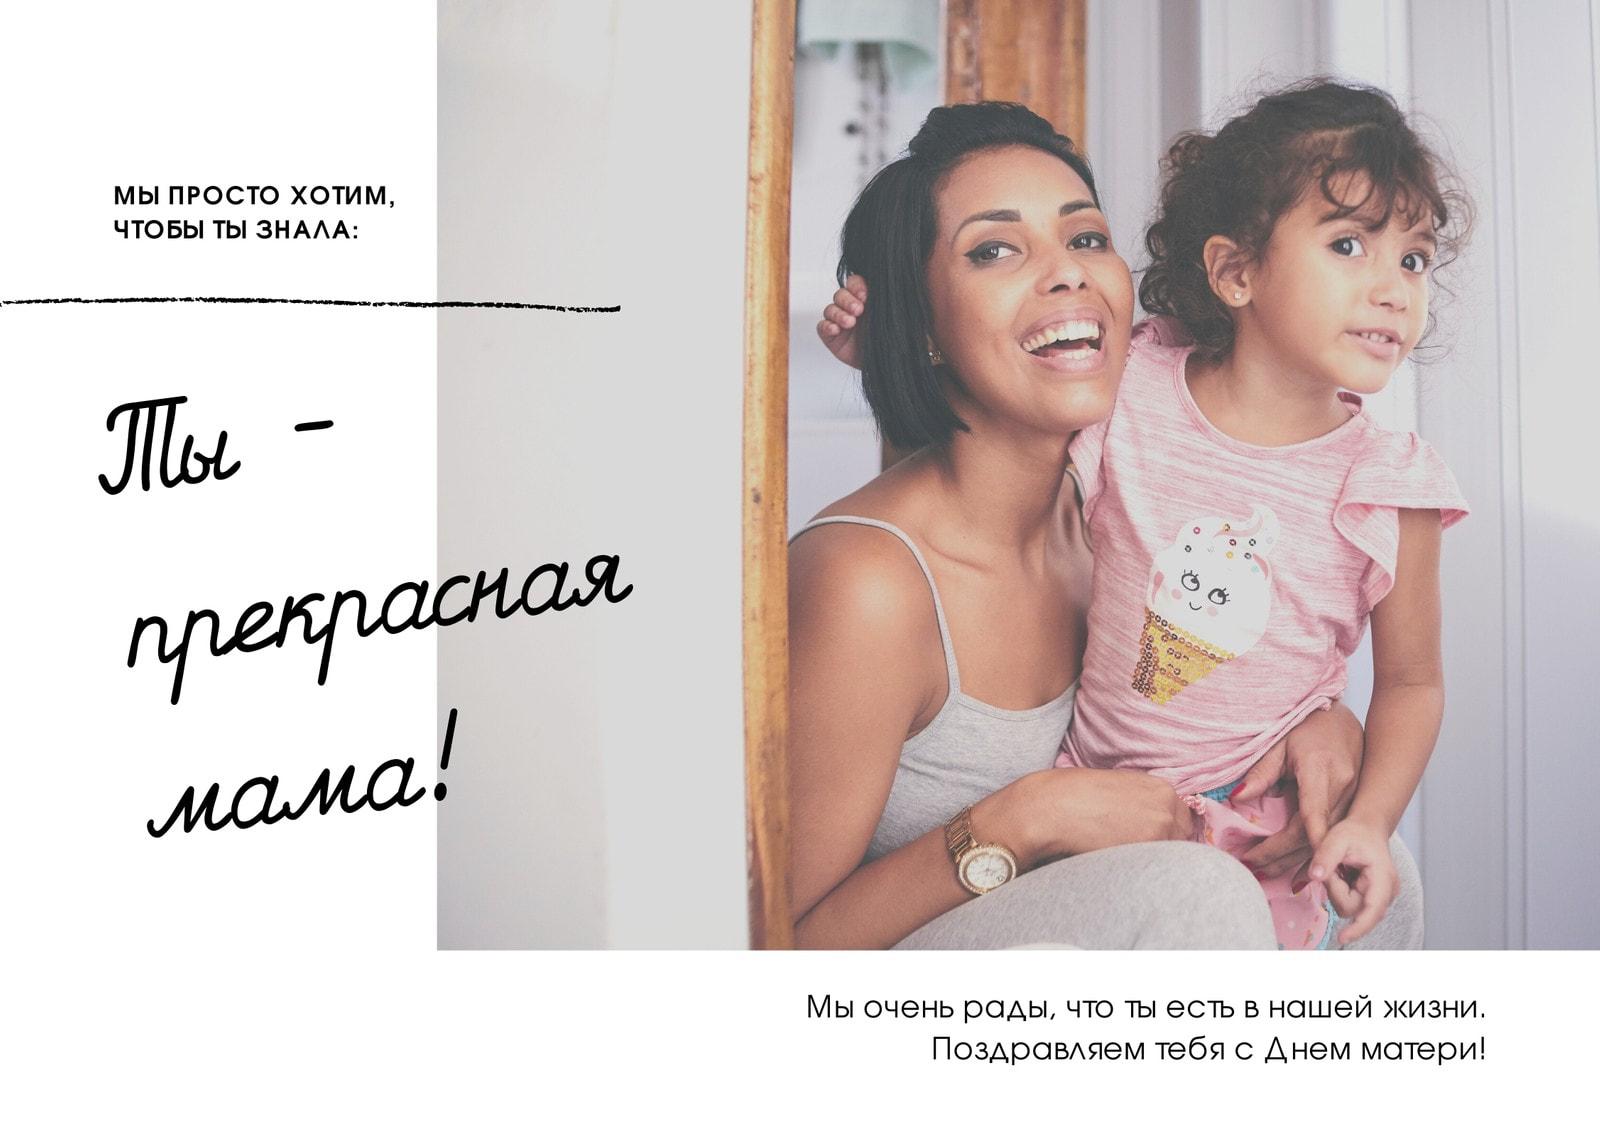 Белая Минималистичная Рукописная День Матери Личная Открытка